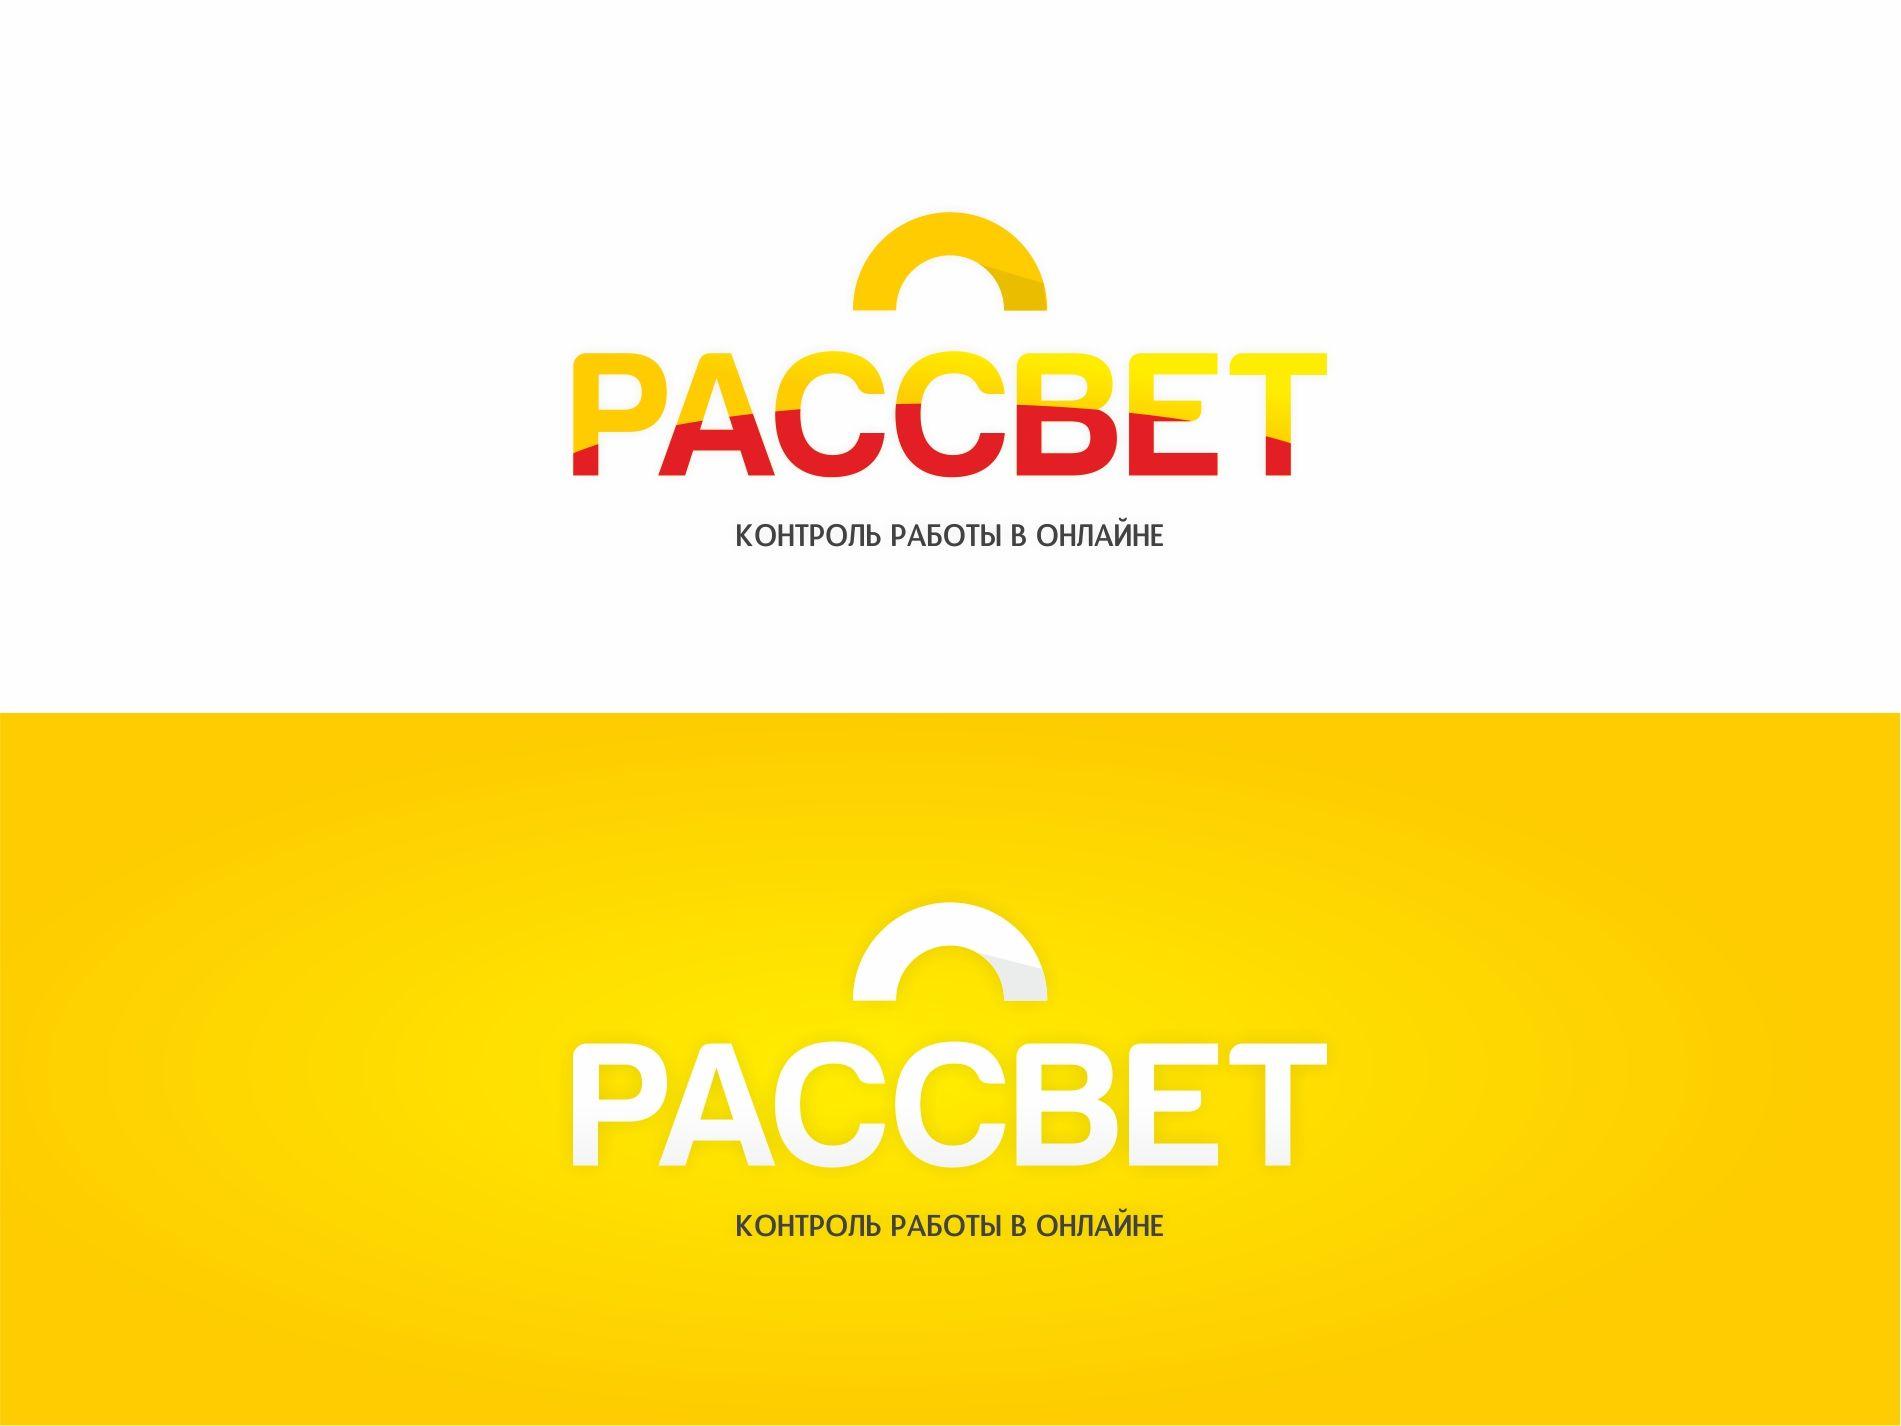 Лого и фирменный стиль для Рассвет - дизайнер ms_galleya